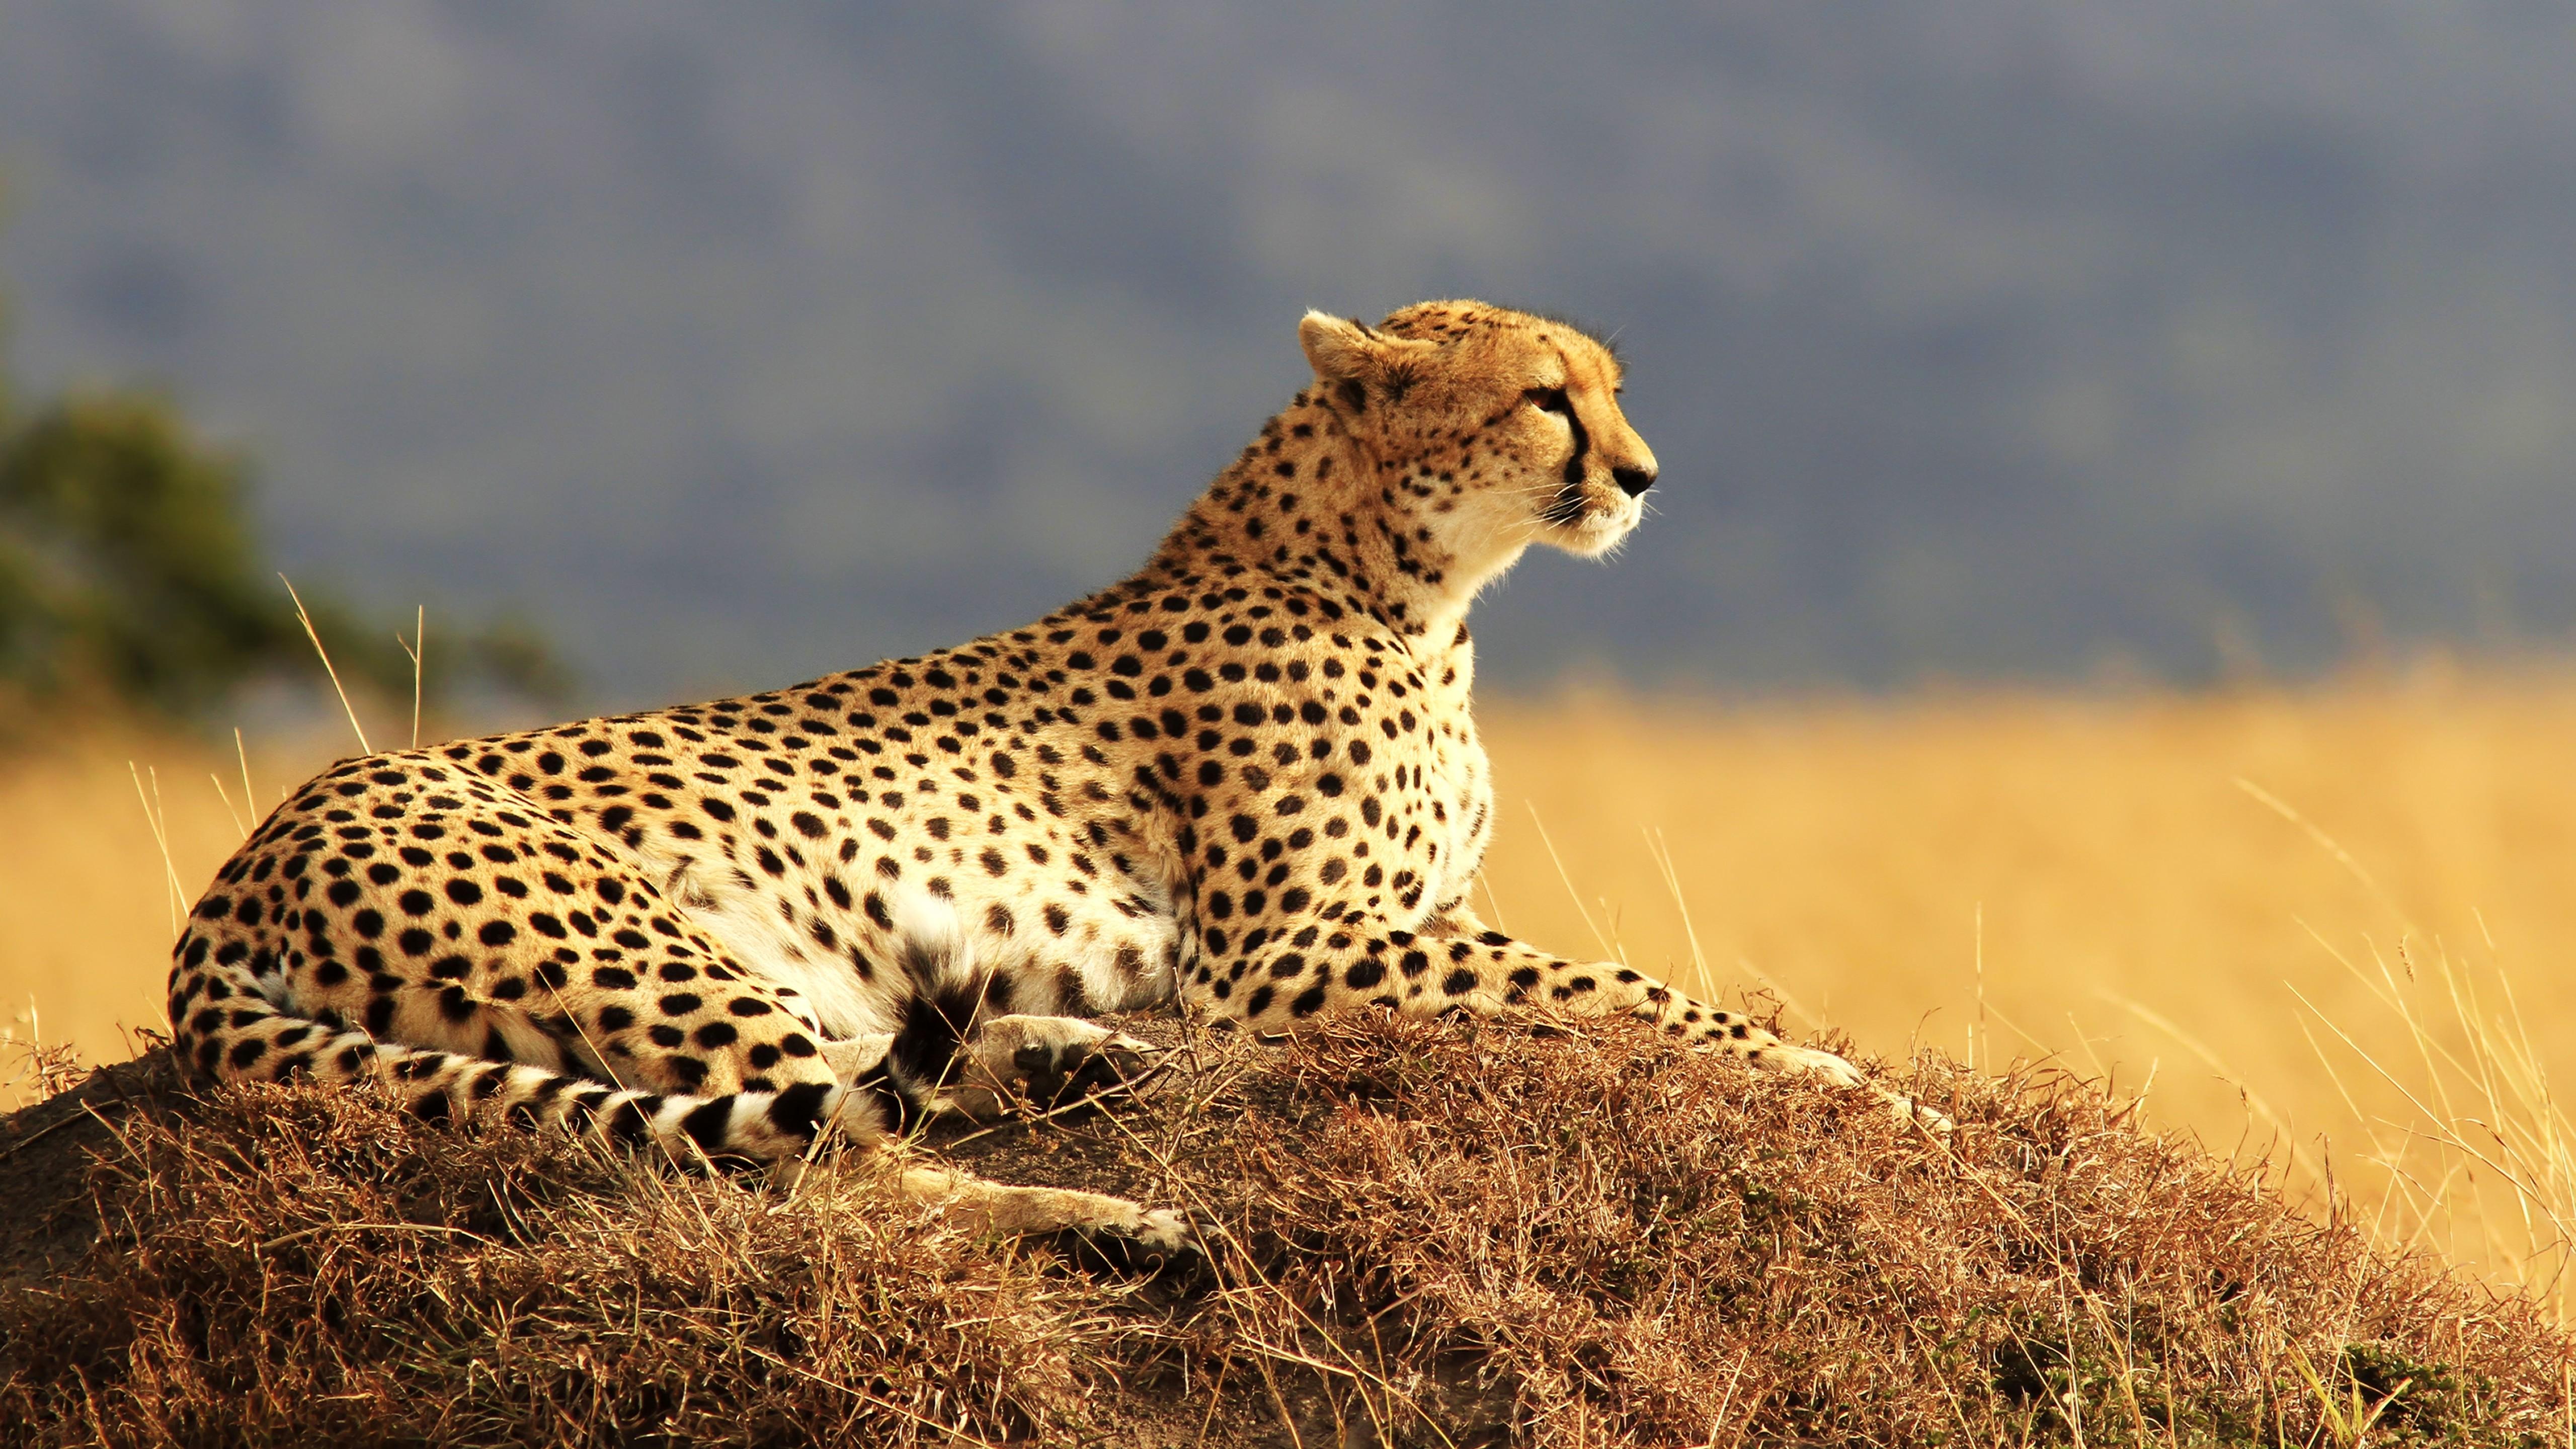 cheetah-5120x2880-maasai-mara-national-reserve-kenya-safari-hd-4k-1938